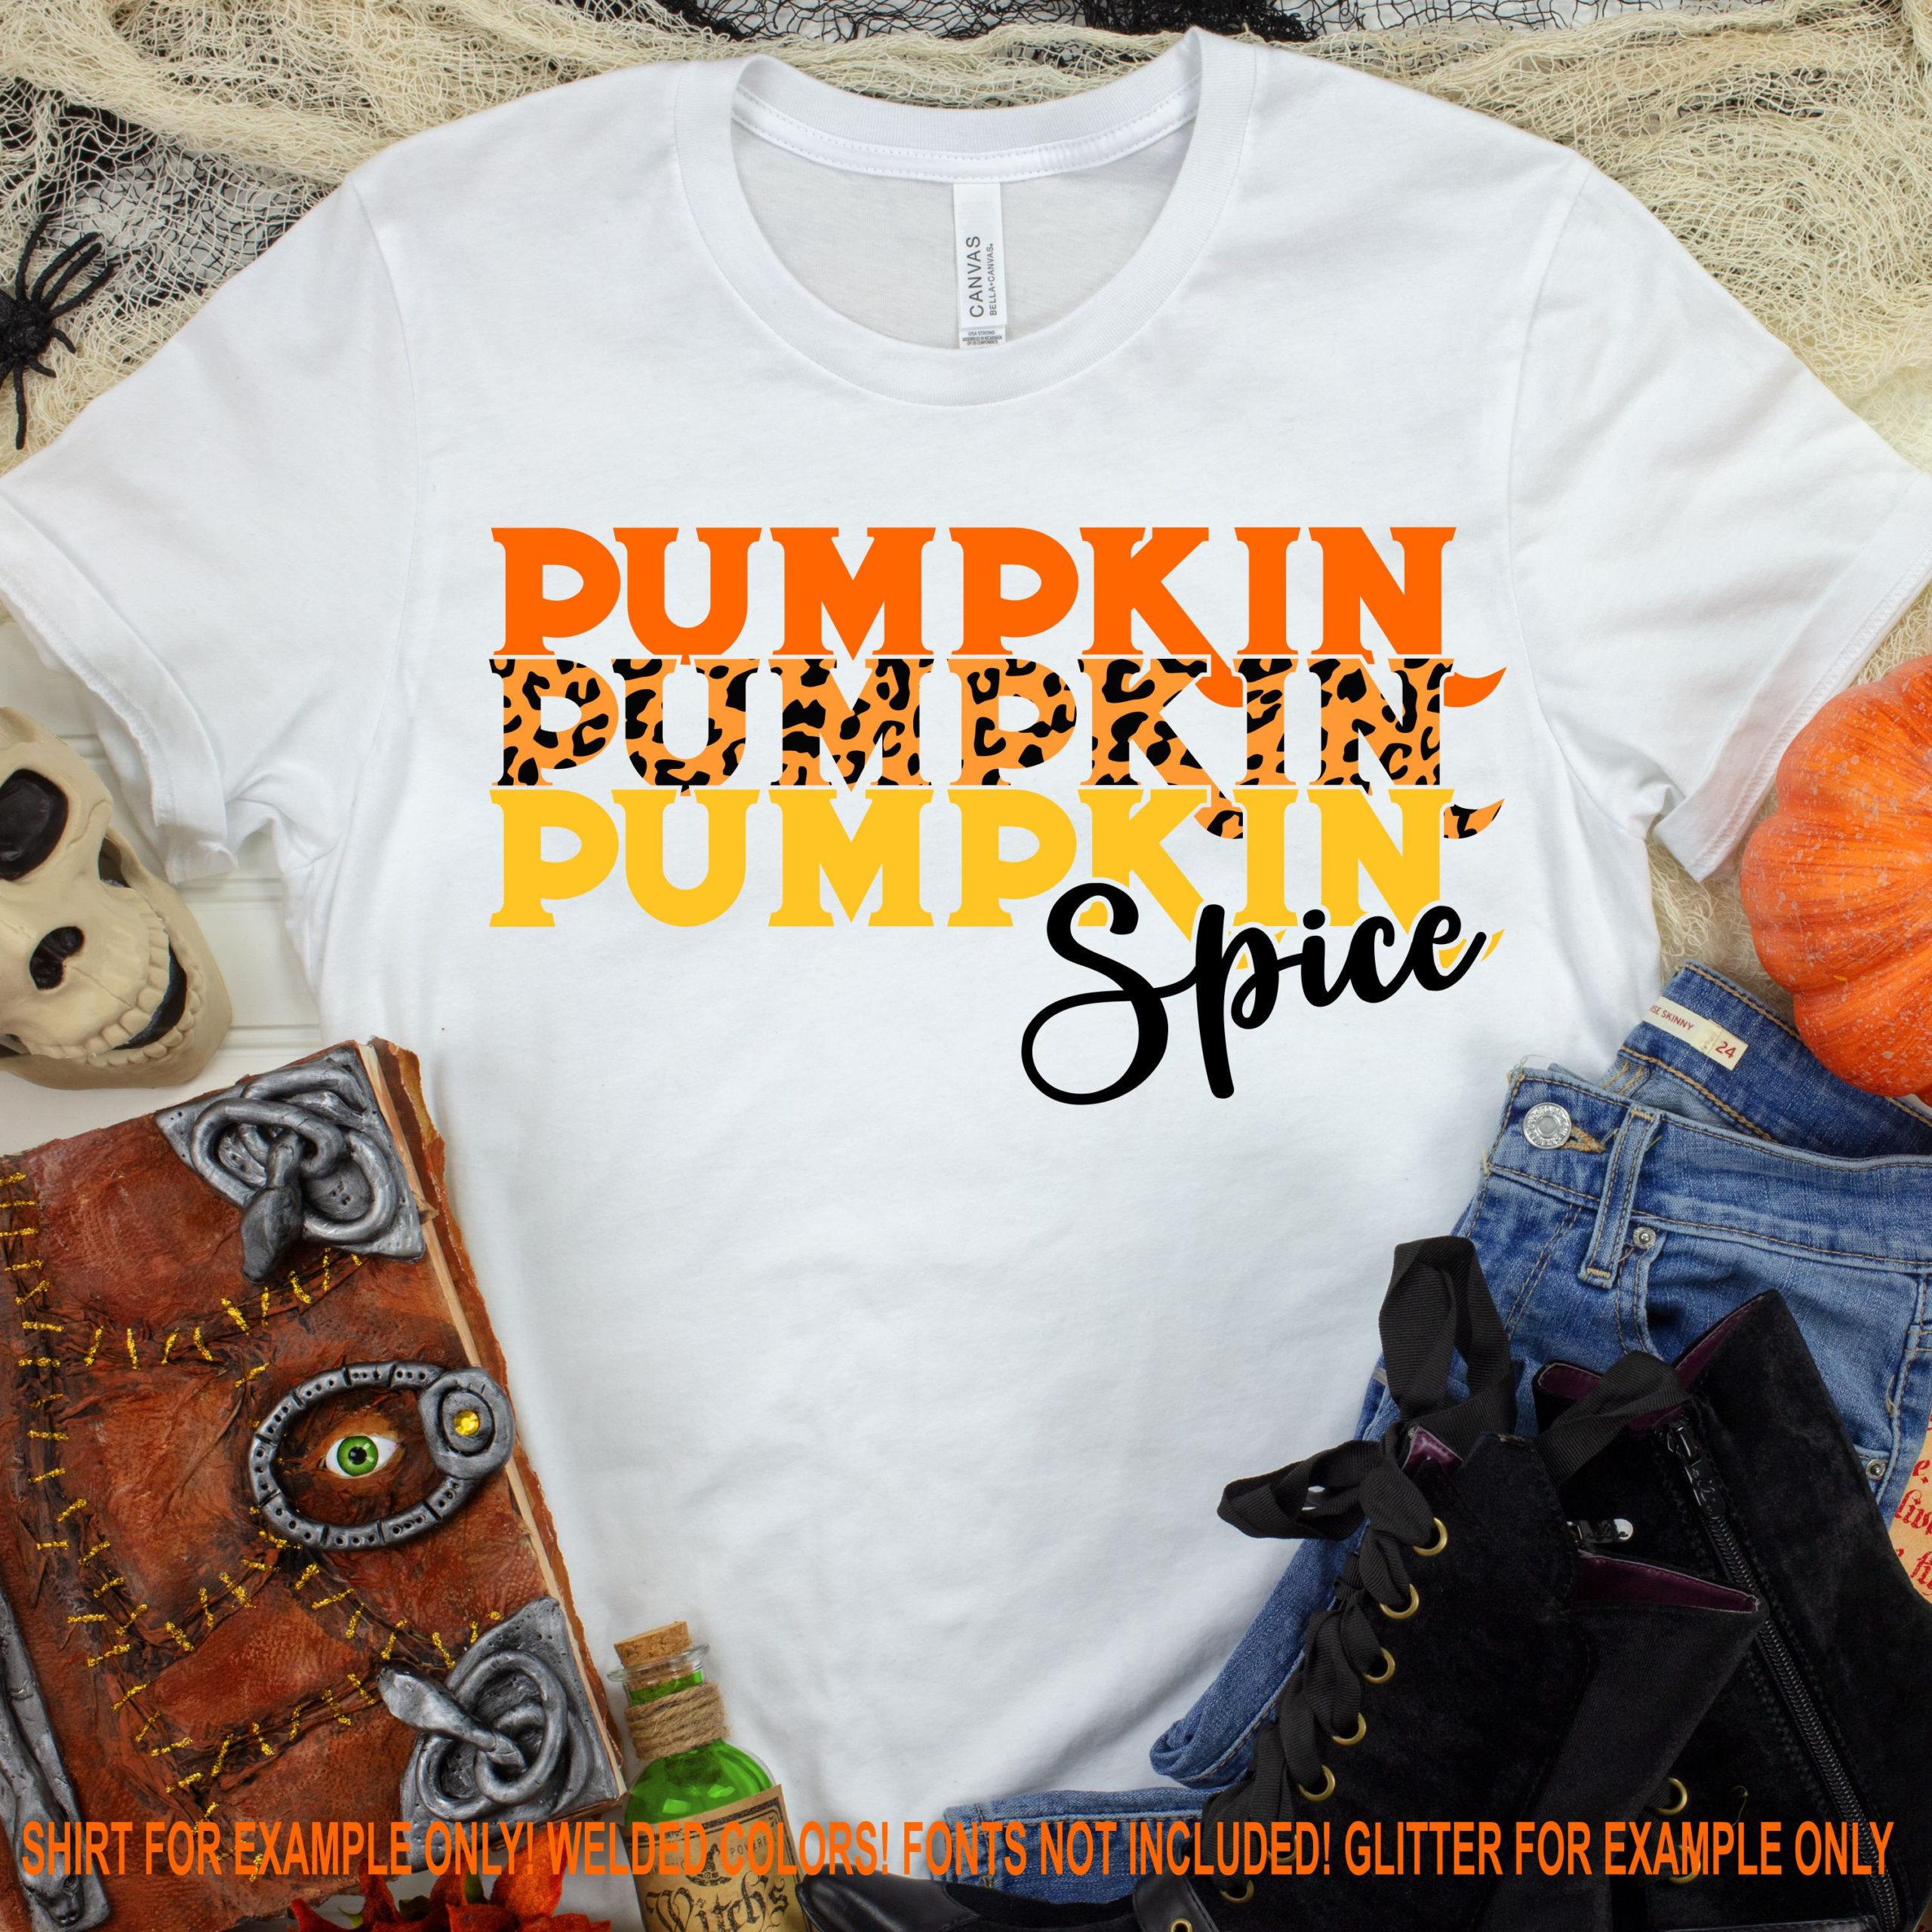 Pumpkin-spice-svg-pumpkin-svg-fall-svg-anti-pumpkin-spice-svgthanksgiving-svgpumpkin-spice-svg-designscricut-svgsvg-for-mobile-5f72194d